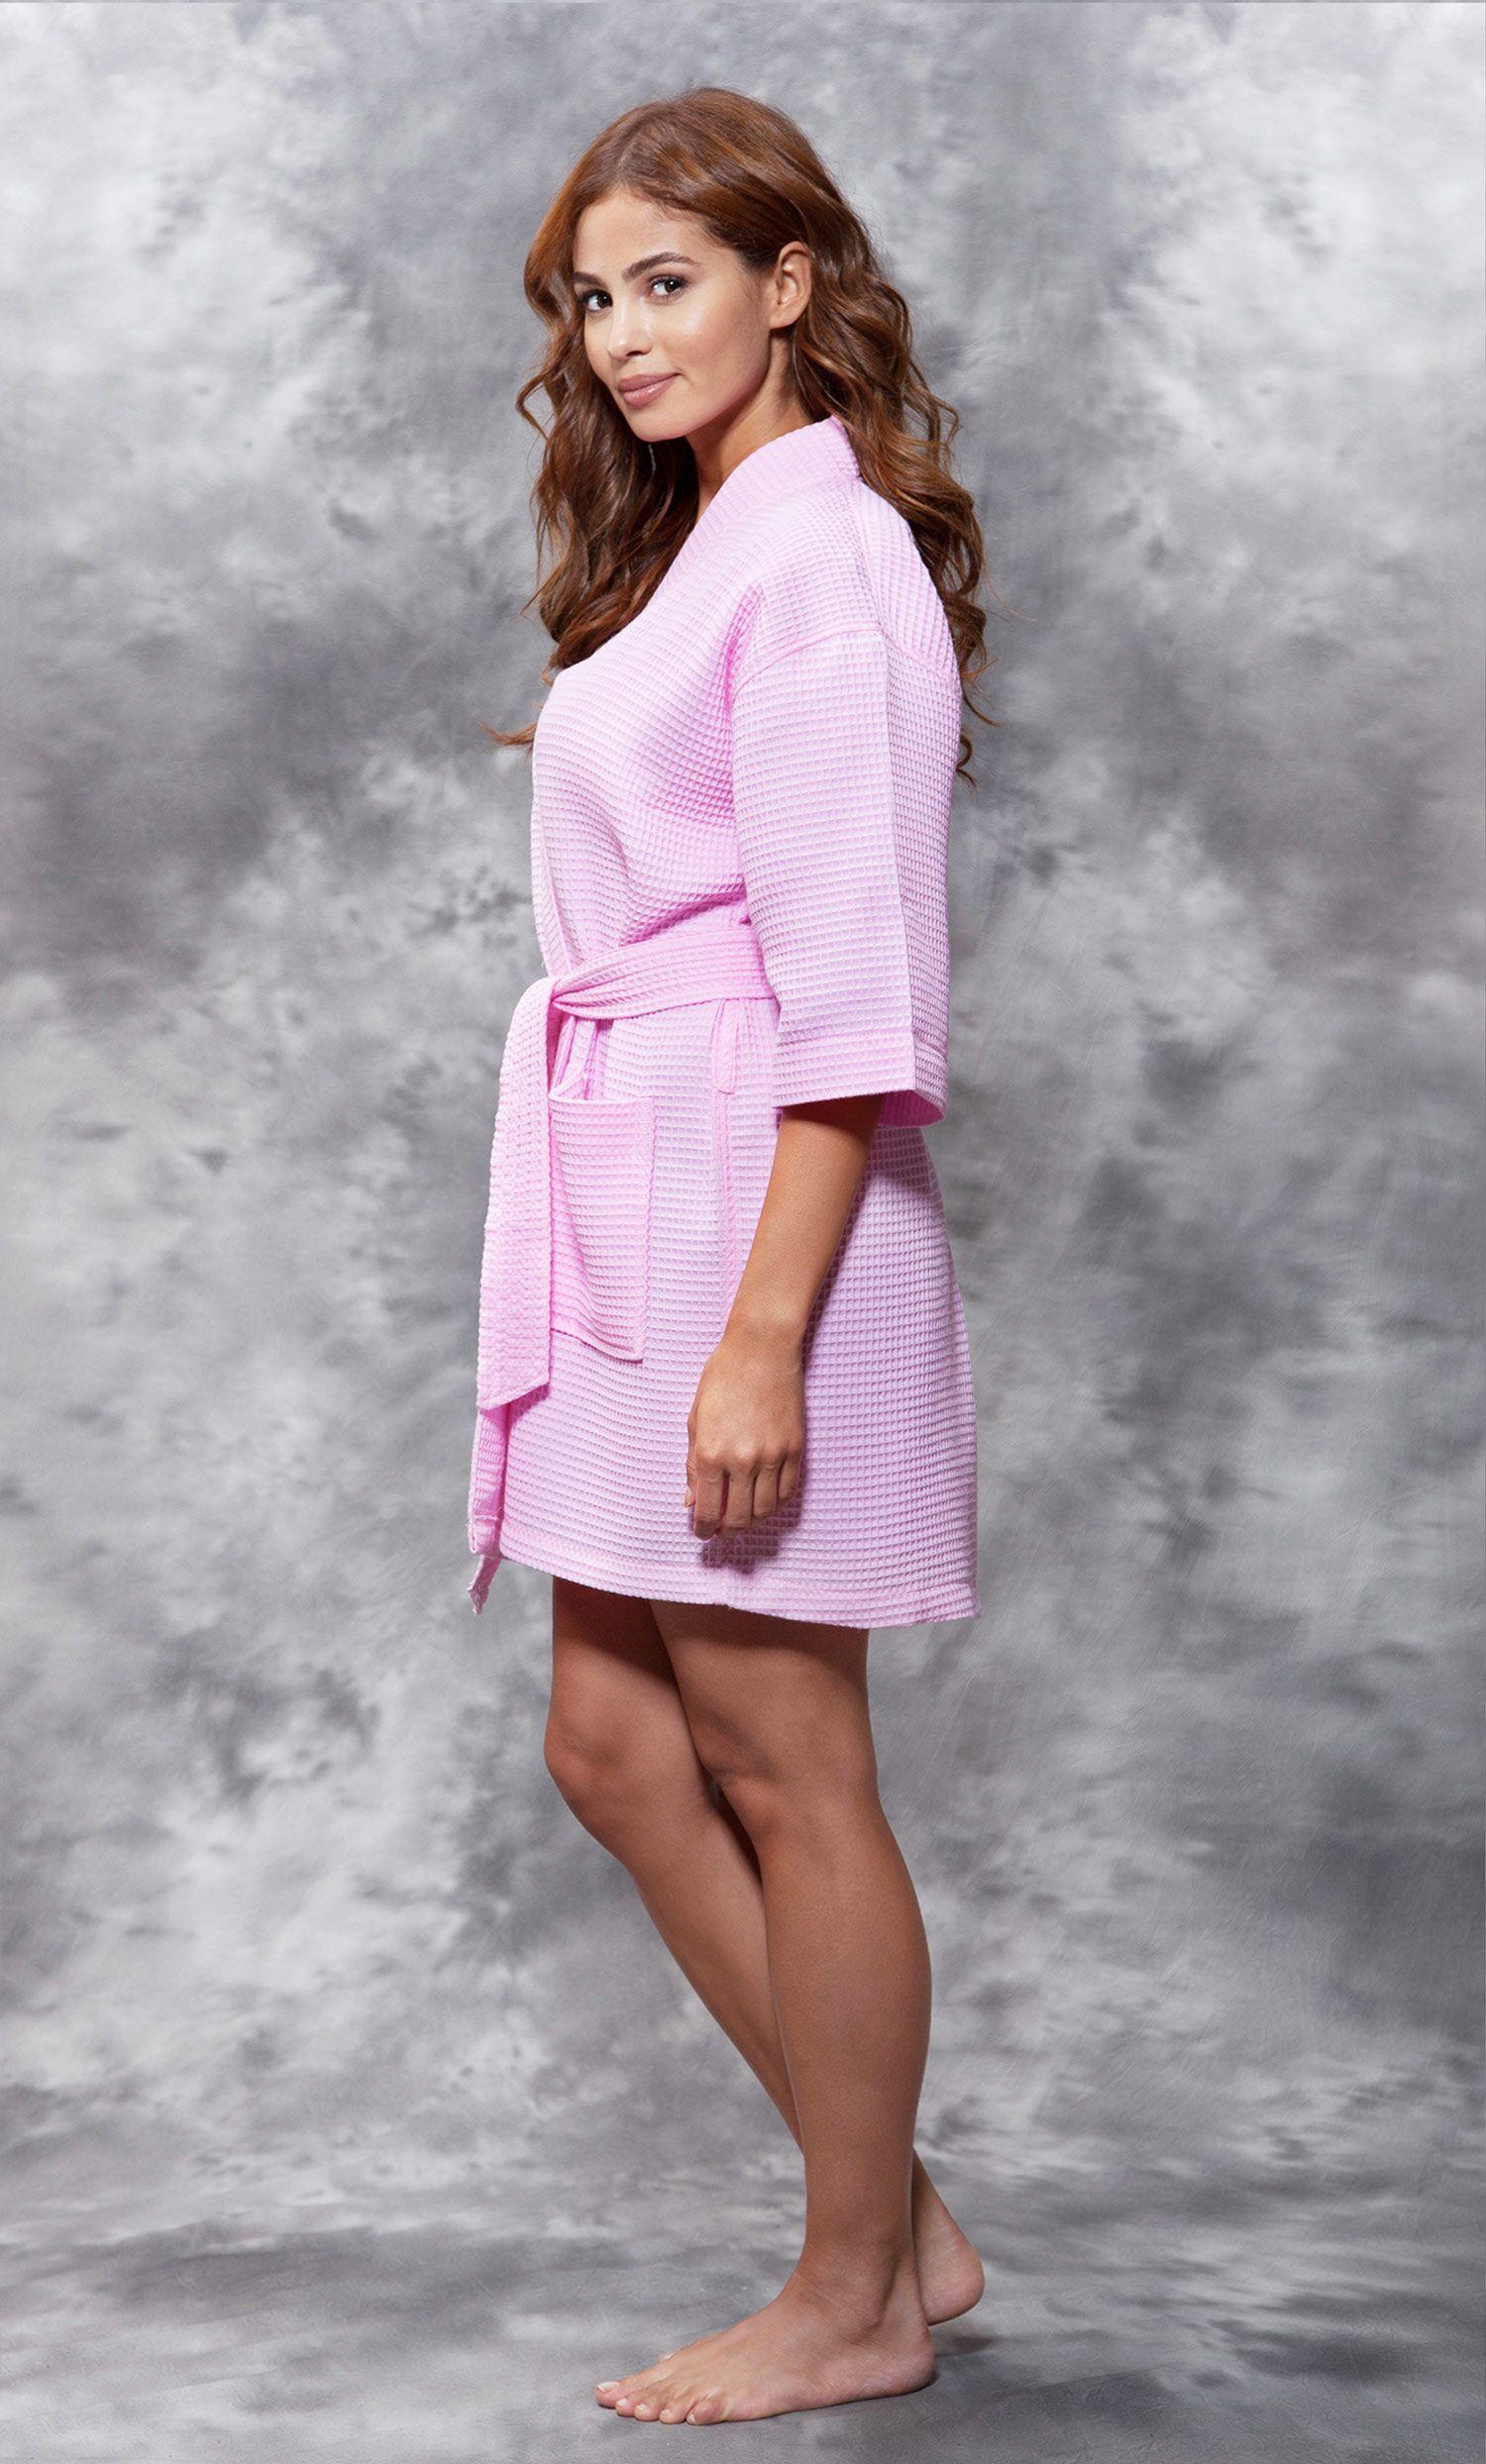 eb6605efa7 Economy Bathrobes    Waffle Robes    Waffle Kimono Pink Short Robe Square  Pattern - Wholesale bathrobes